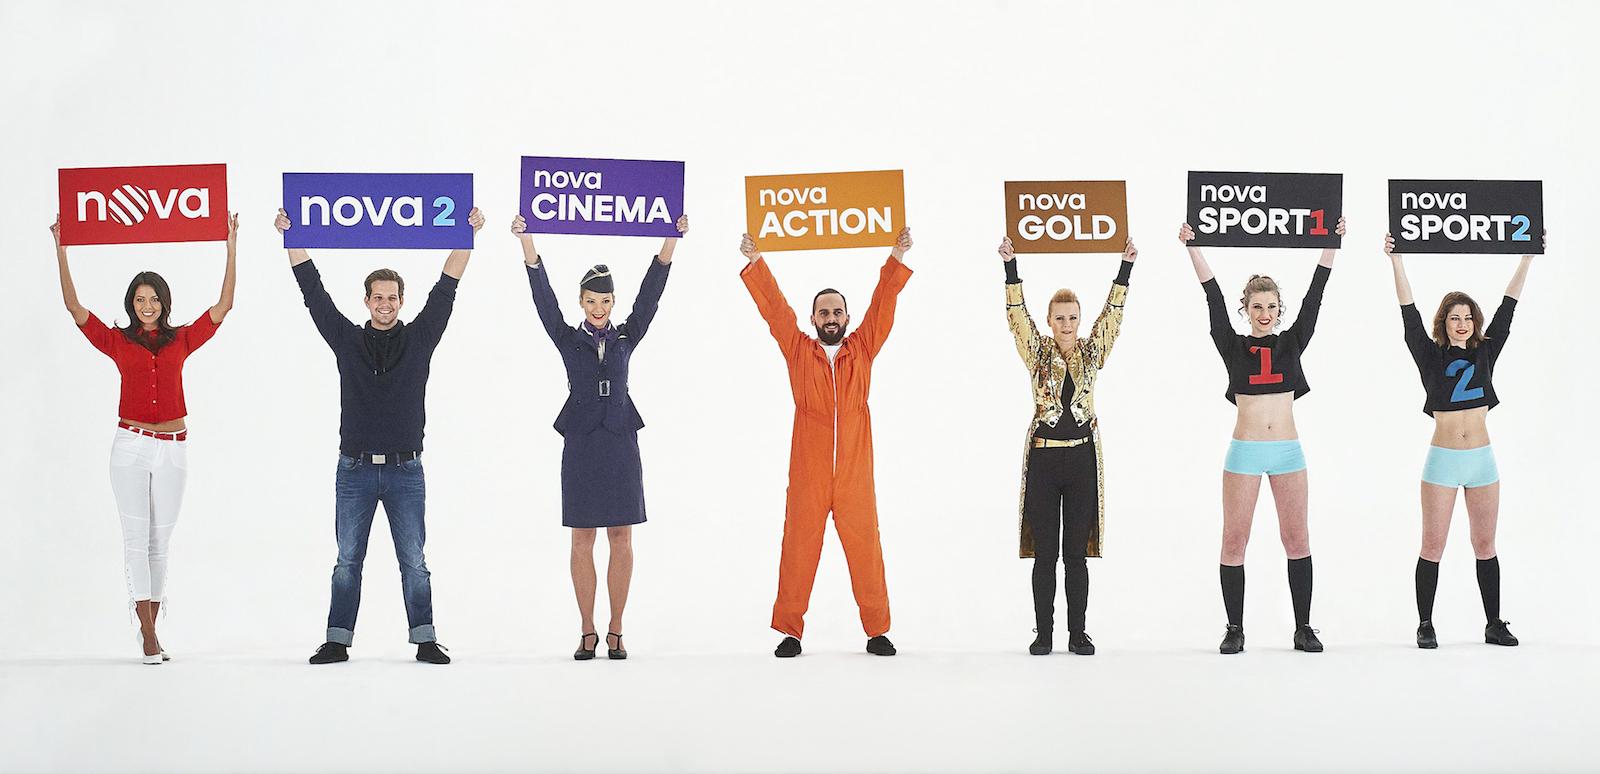 Nová loga stanic televizní skupiny Nova v kampani